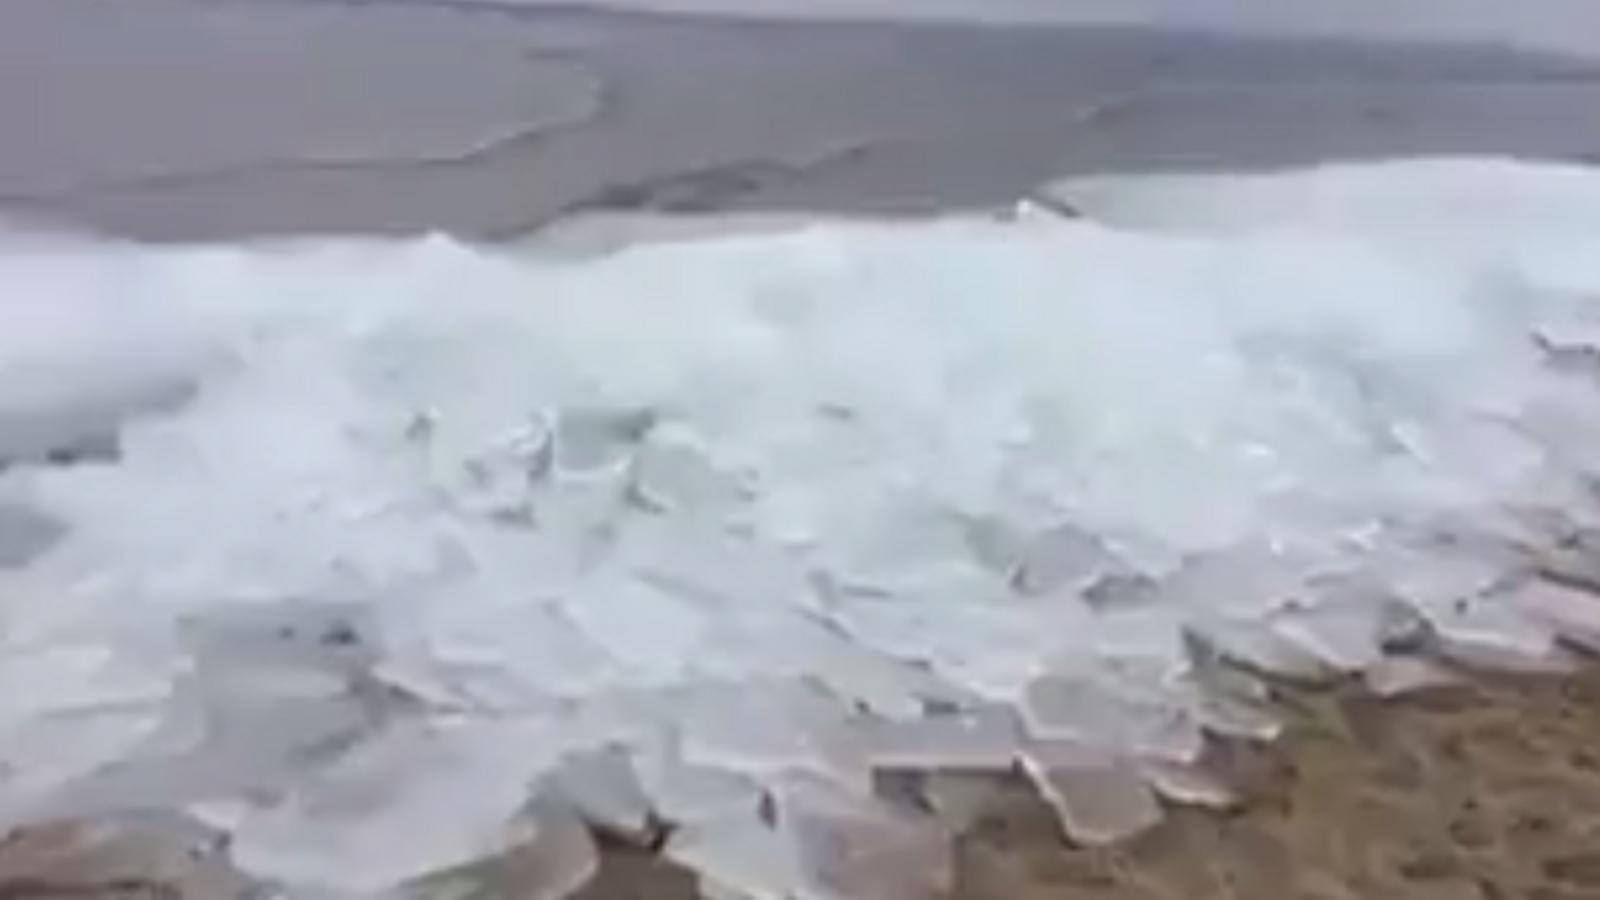 Onada de gel, probablement al Baikal, a Sibèria